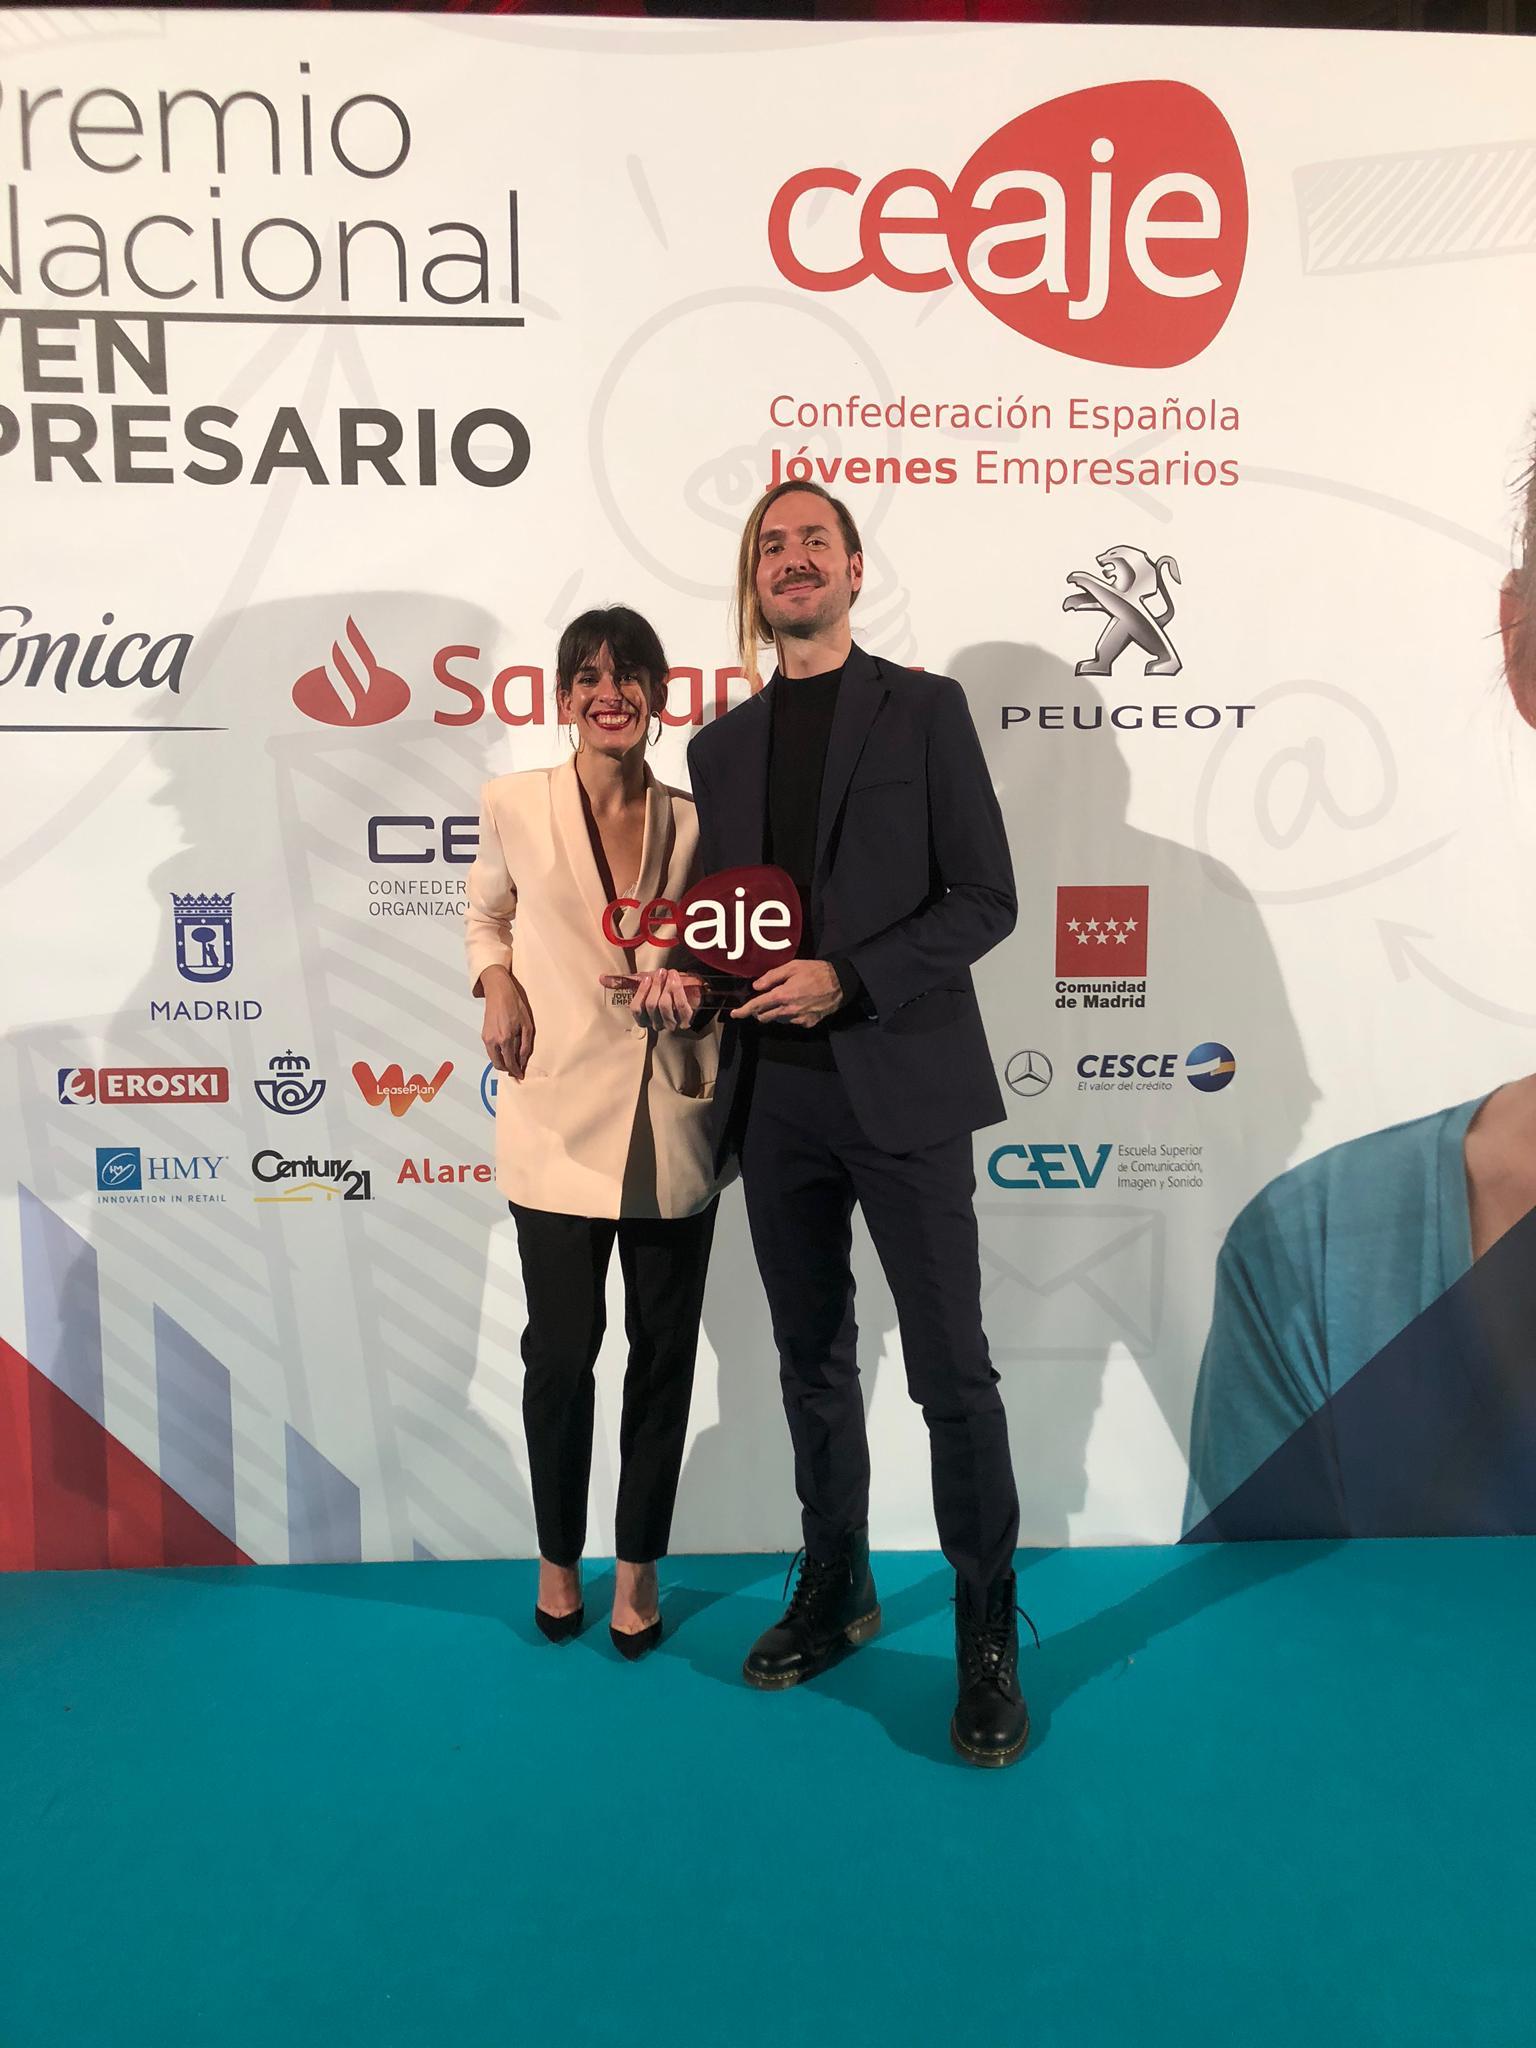 We Are Knitters gana el accésit de Internacionalización concedido por la Confederación Española de Jóvenes Empresarios